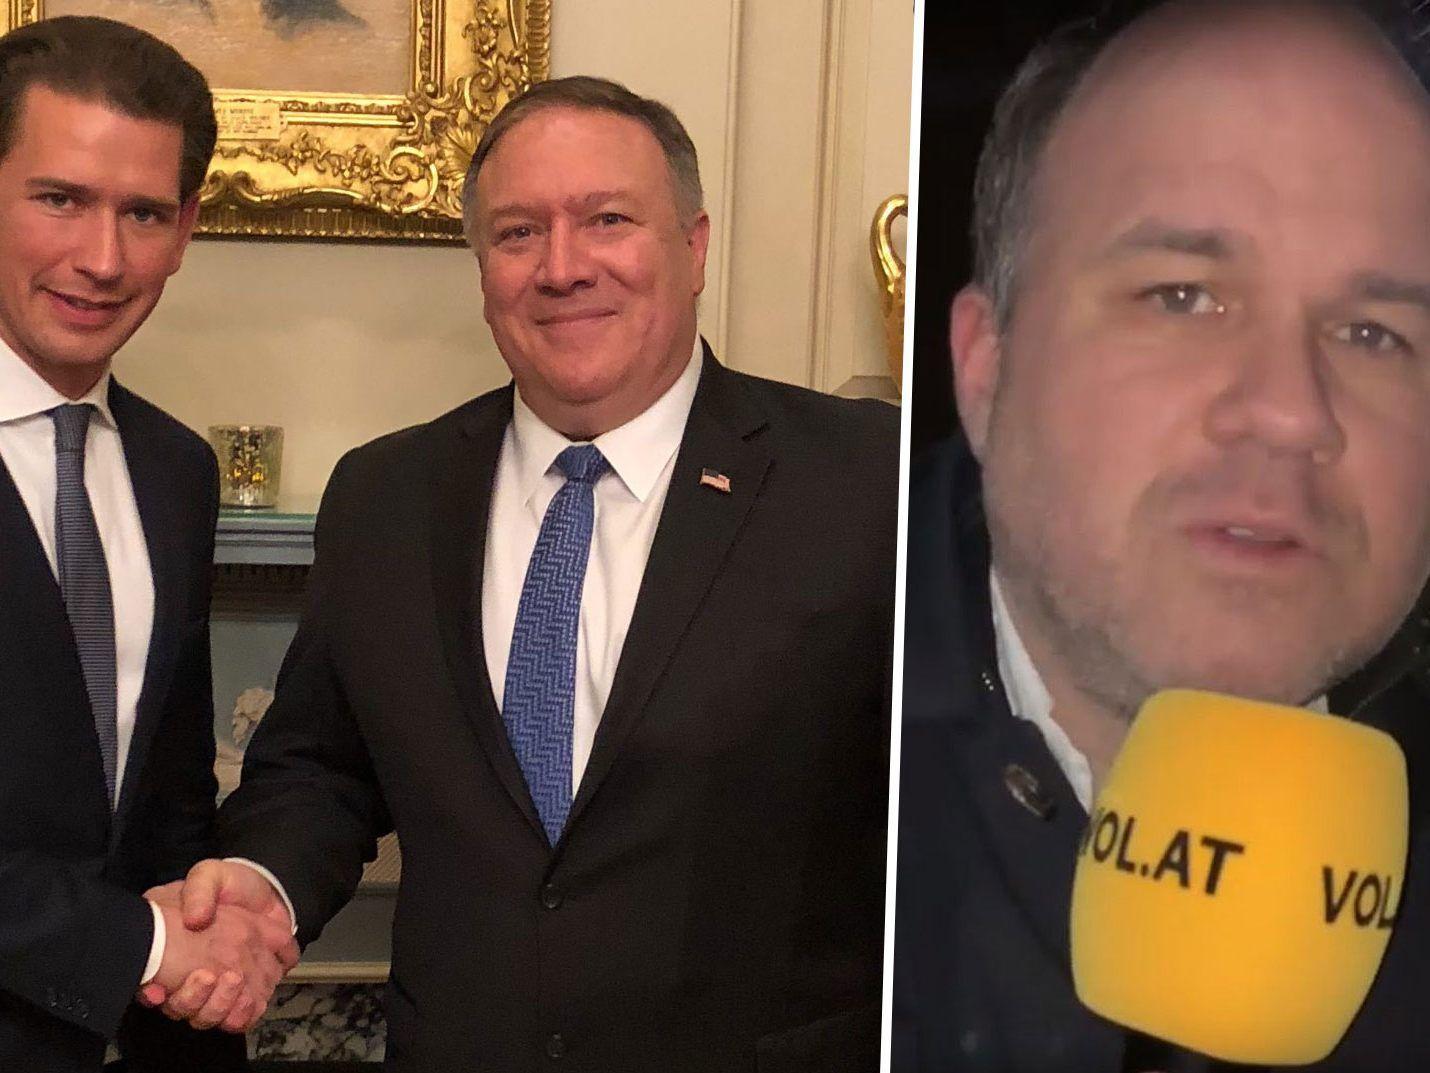 Streit um Autozölle: Trump empfängt Kurz - USA an Deal mit EU interessiert